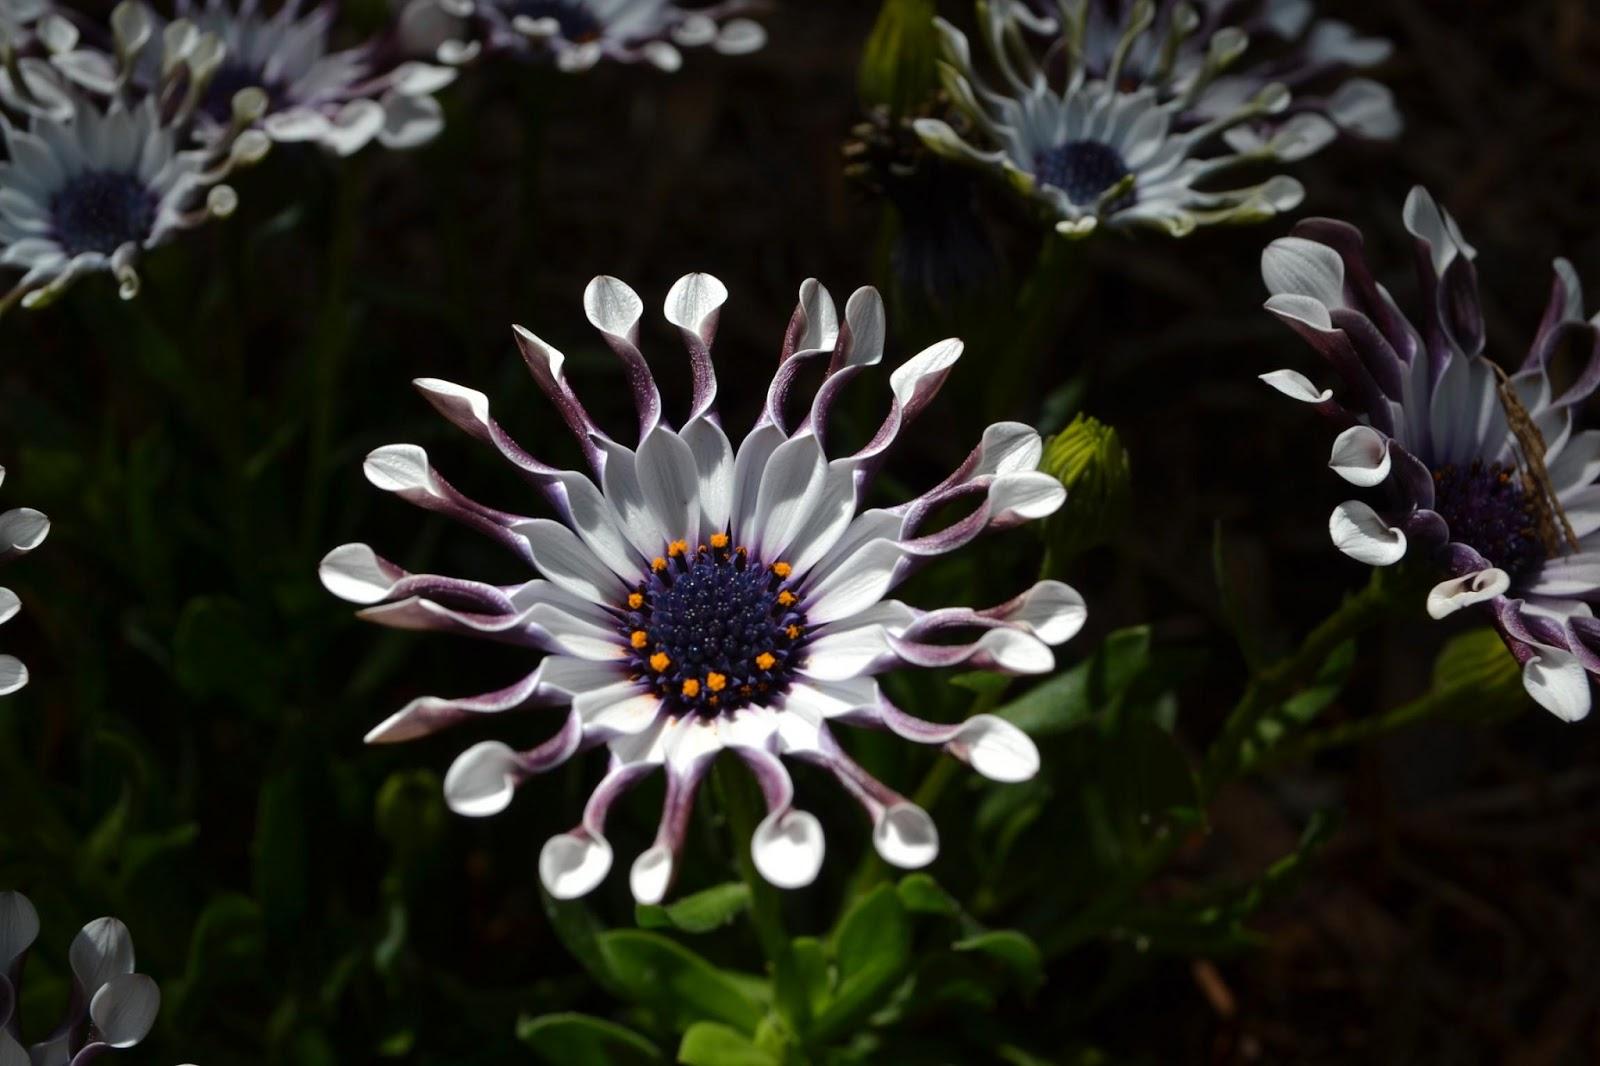 Vita a san diego 1092 il giardino si evolve for Margherita pianta